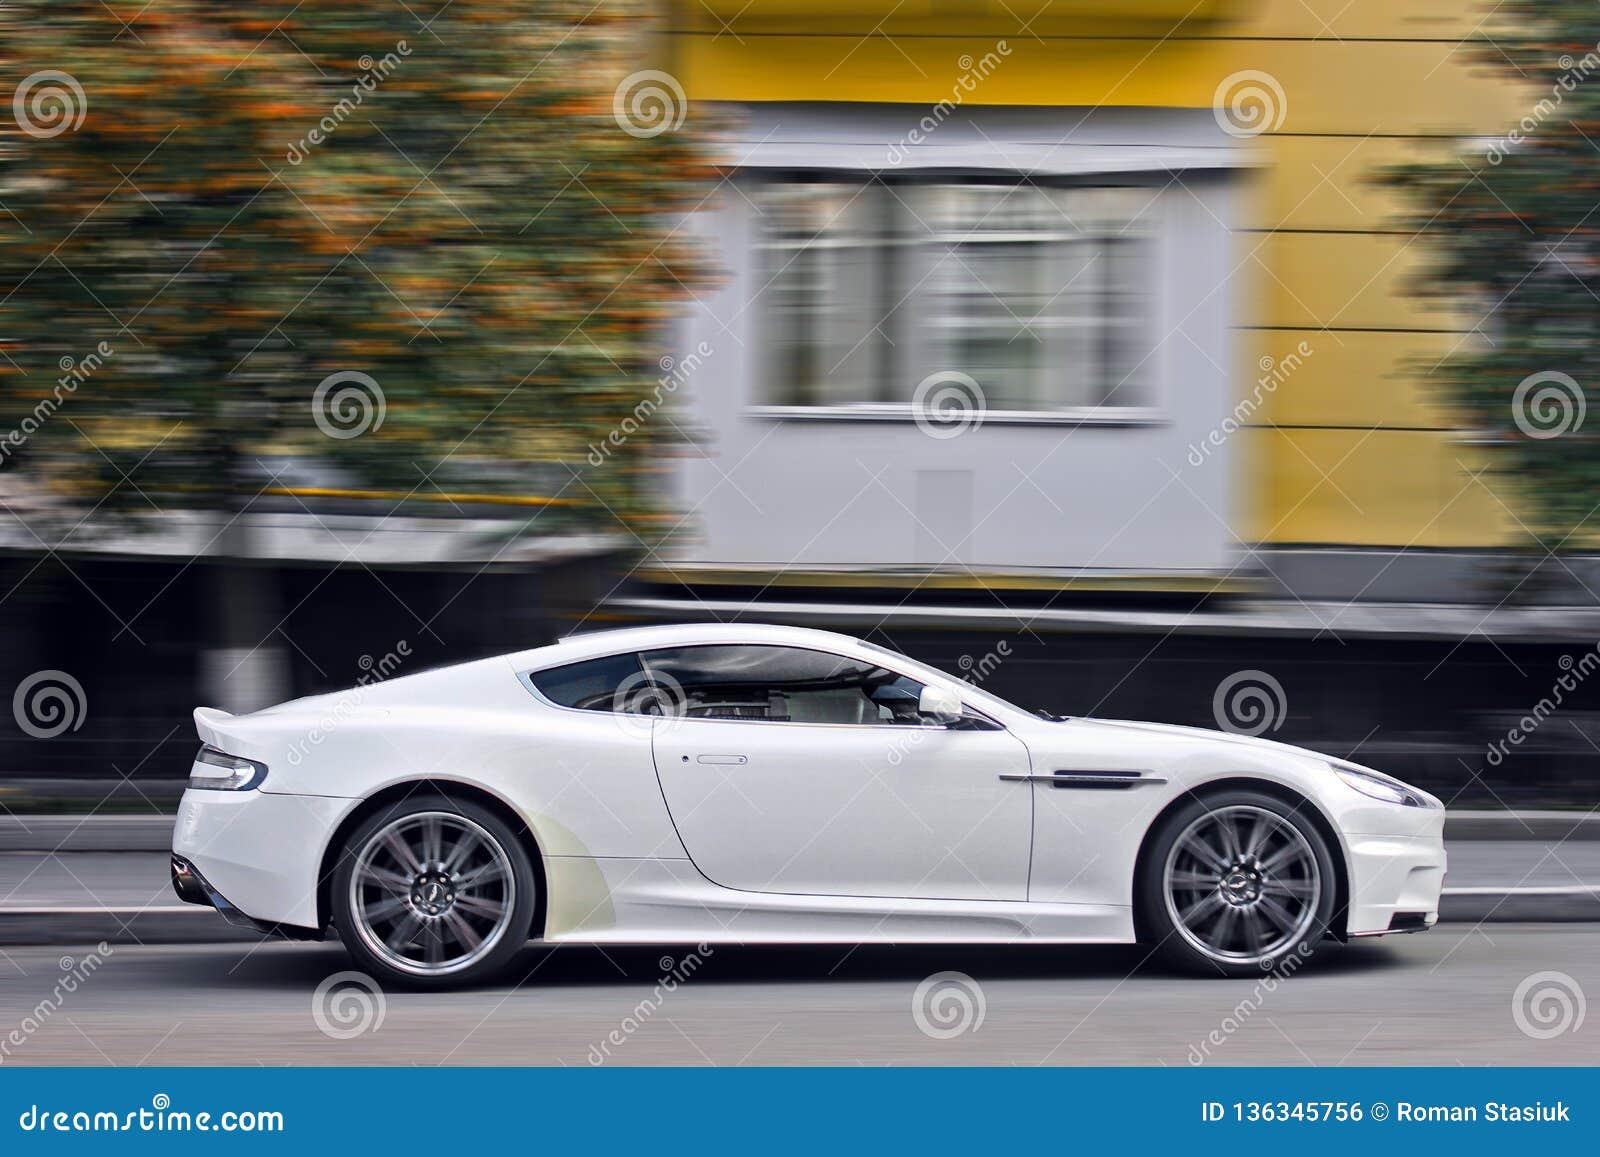 September 2017 Kiew Ukraine Weißes Aston Martin Dbs Supercar Auto In Der Bewegung Redaktionelles Foto Bild Von Metall Frontseite 136345756